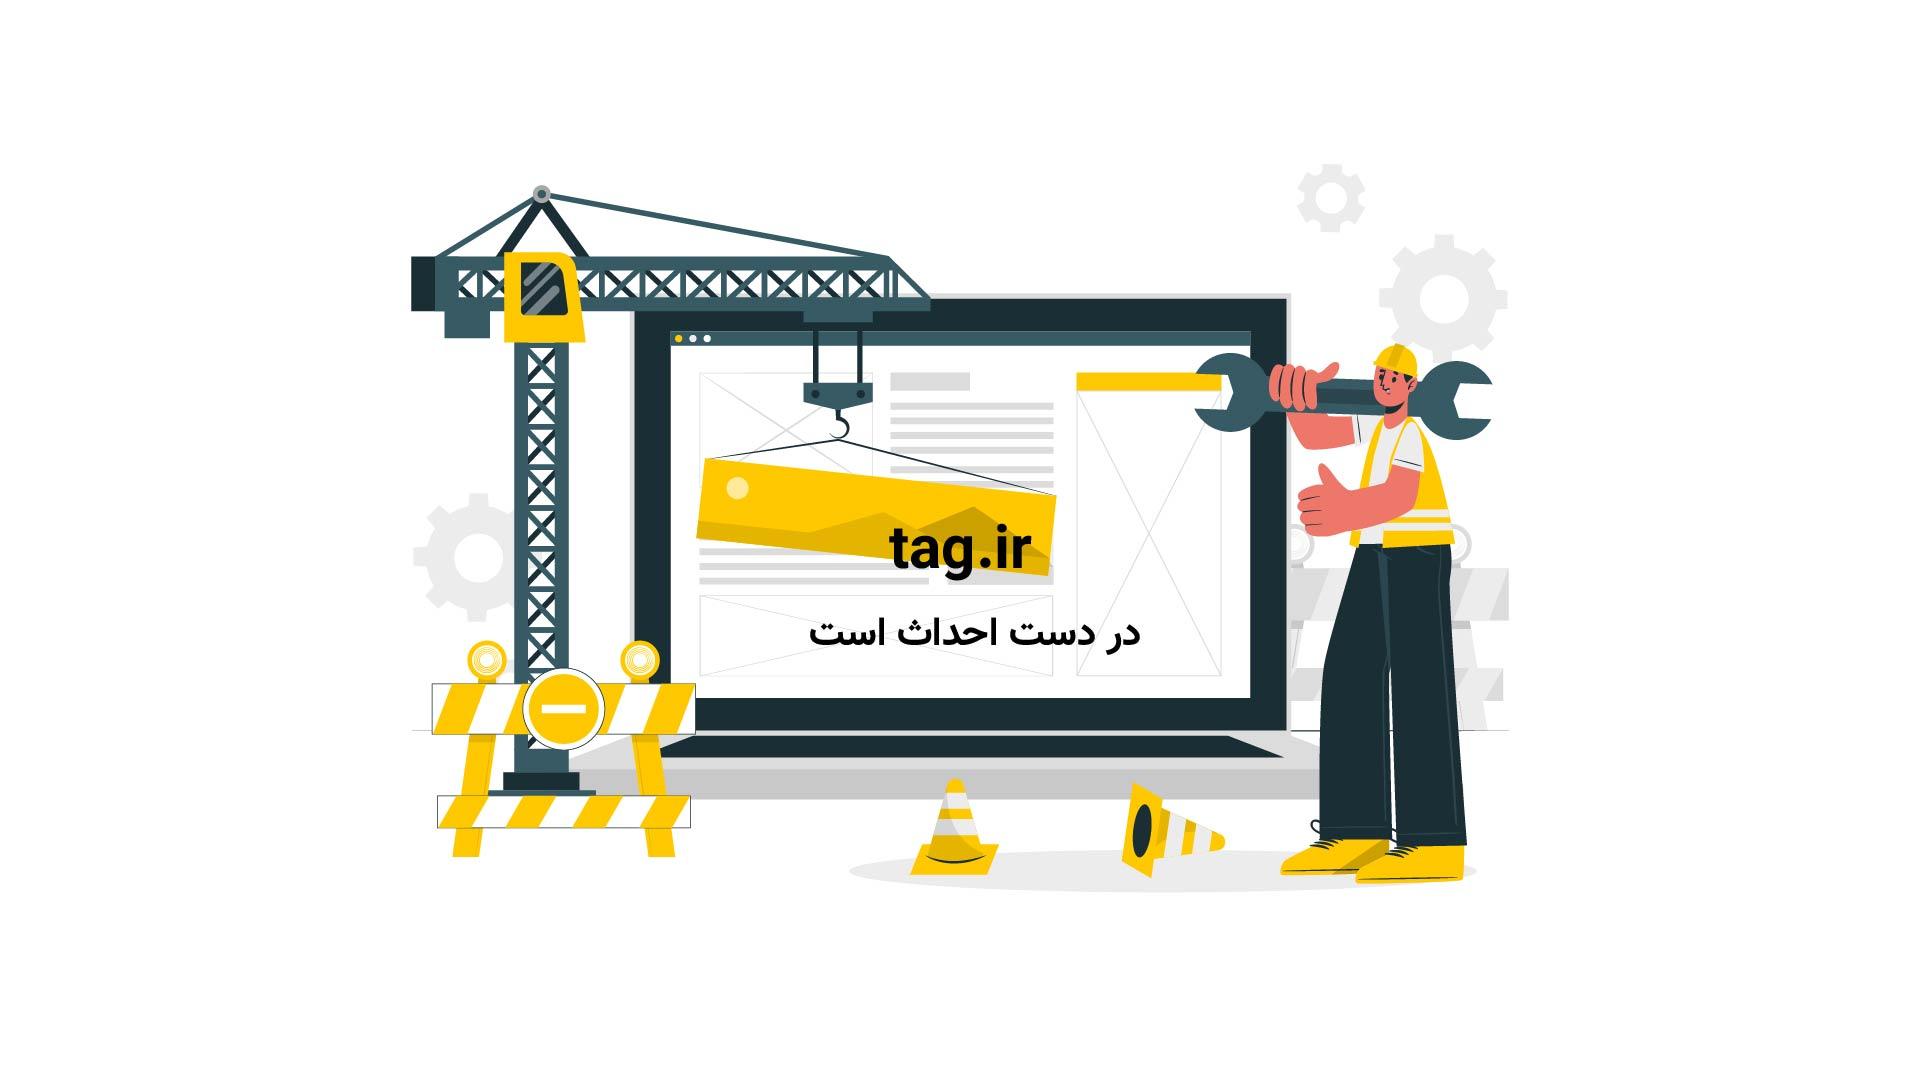 مراسم عزاداری امام حسين (ع) به زبانهای عربی و فارسی در لس آنجلس + فیلم